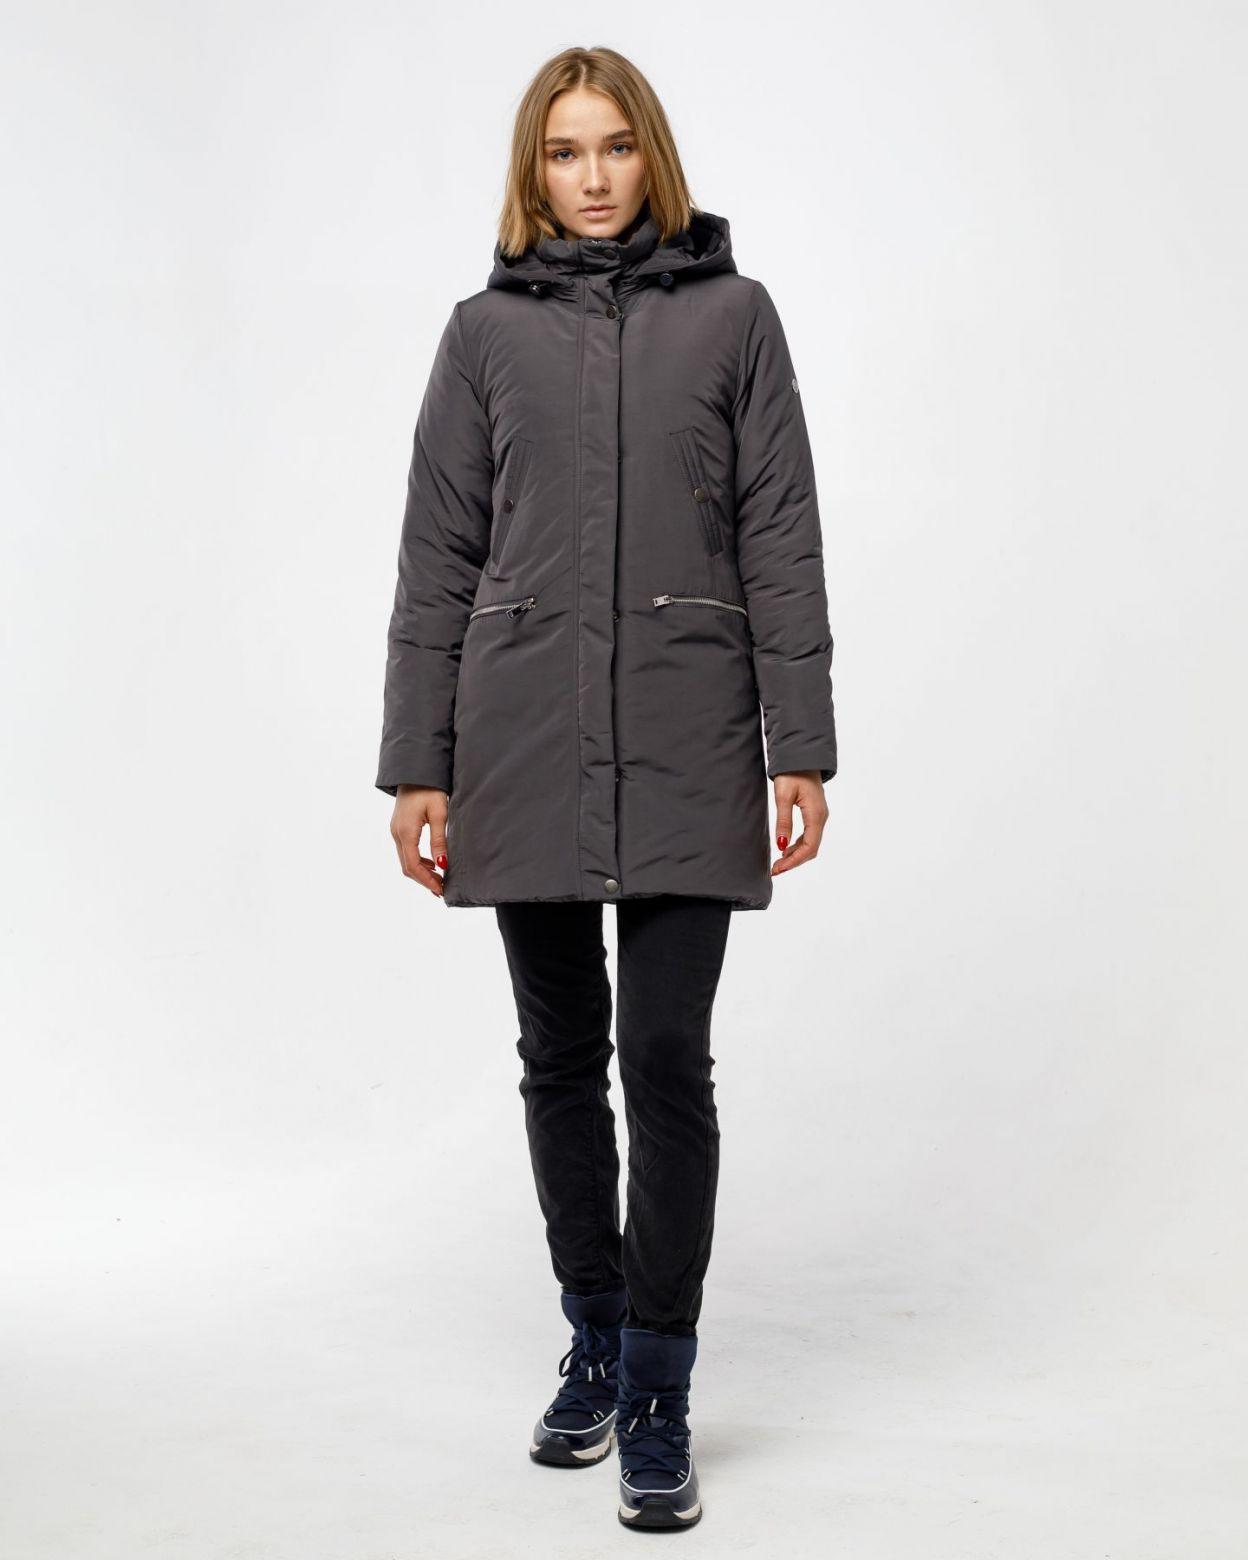 Куртка-парка женская, приталенного силуэта, средней длины. Парка выполнена из плотной ткани с водооталкивающими свойствами. Центральная застежка на молнии, закрытая ветрозащитной планкой на кнопках. С левой стороны застежки внутренняя стеганная защитная п